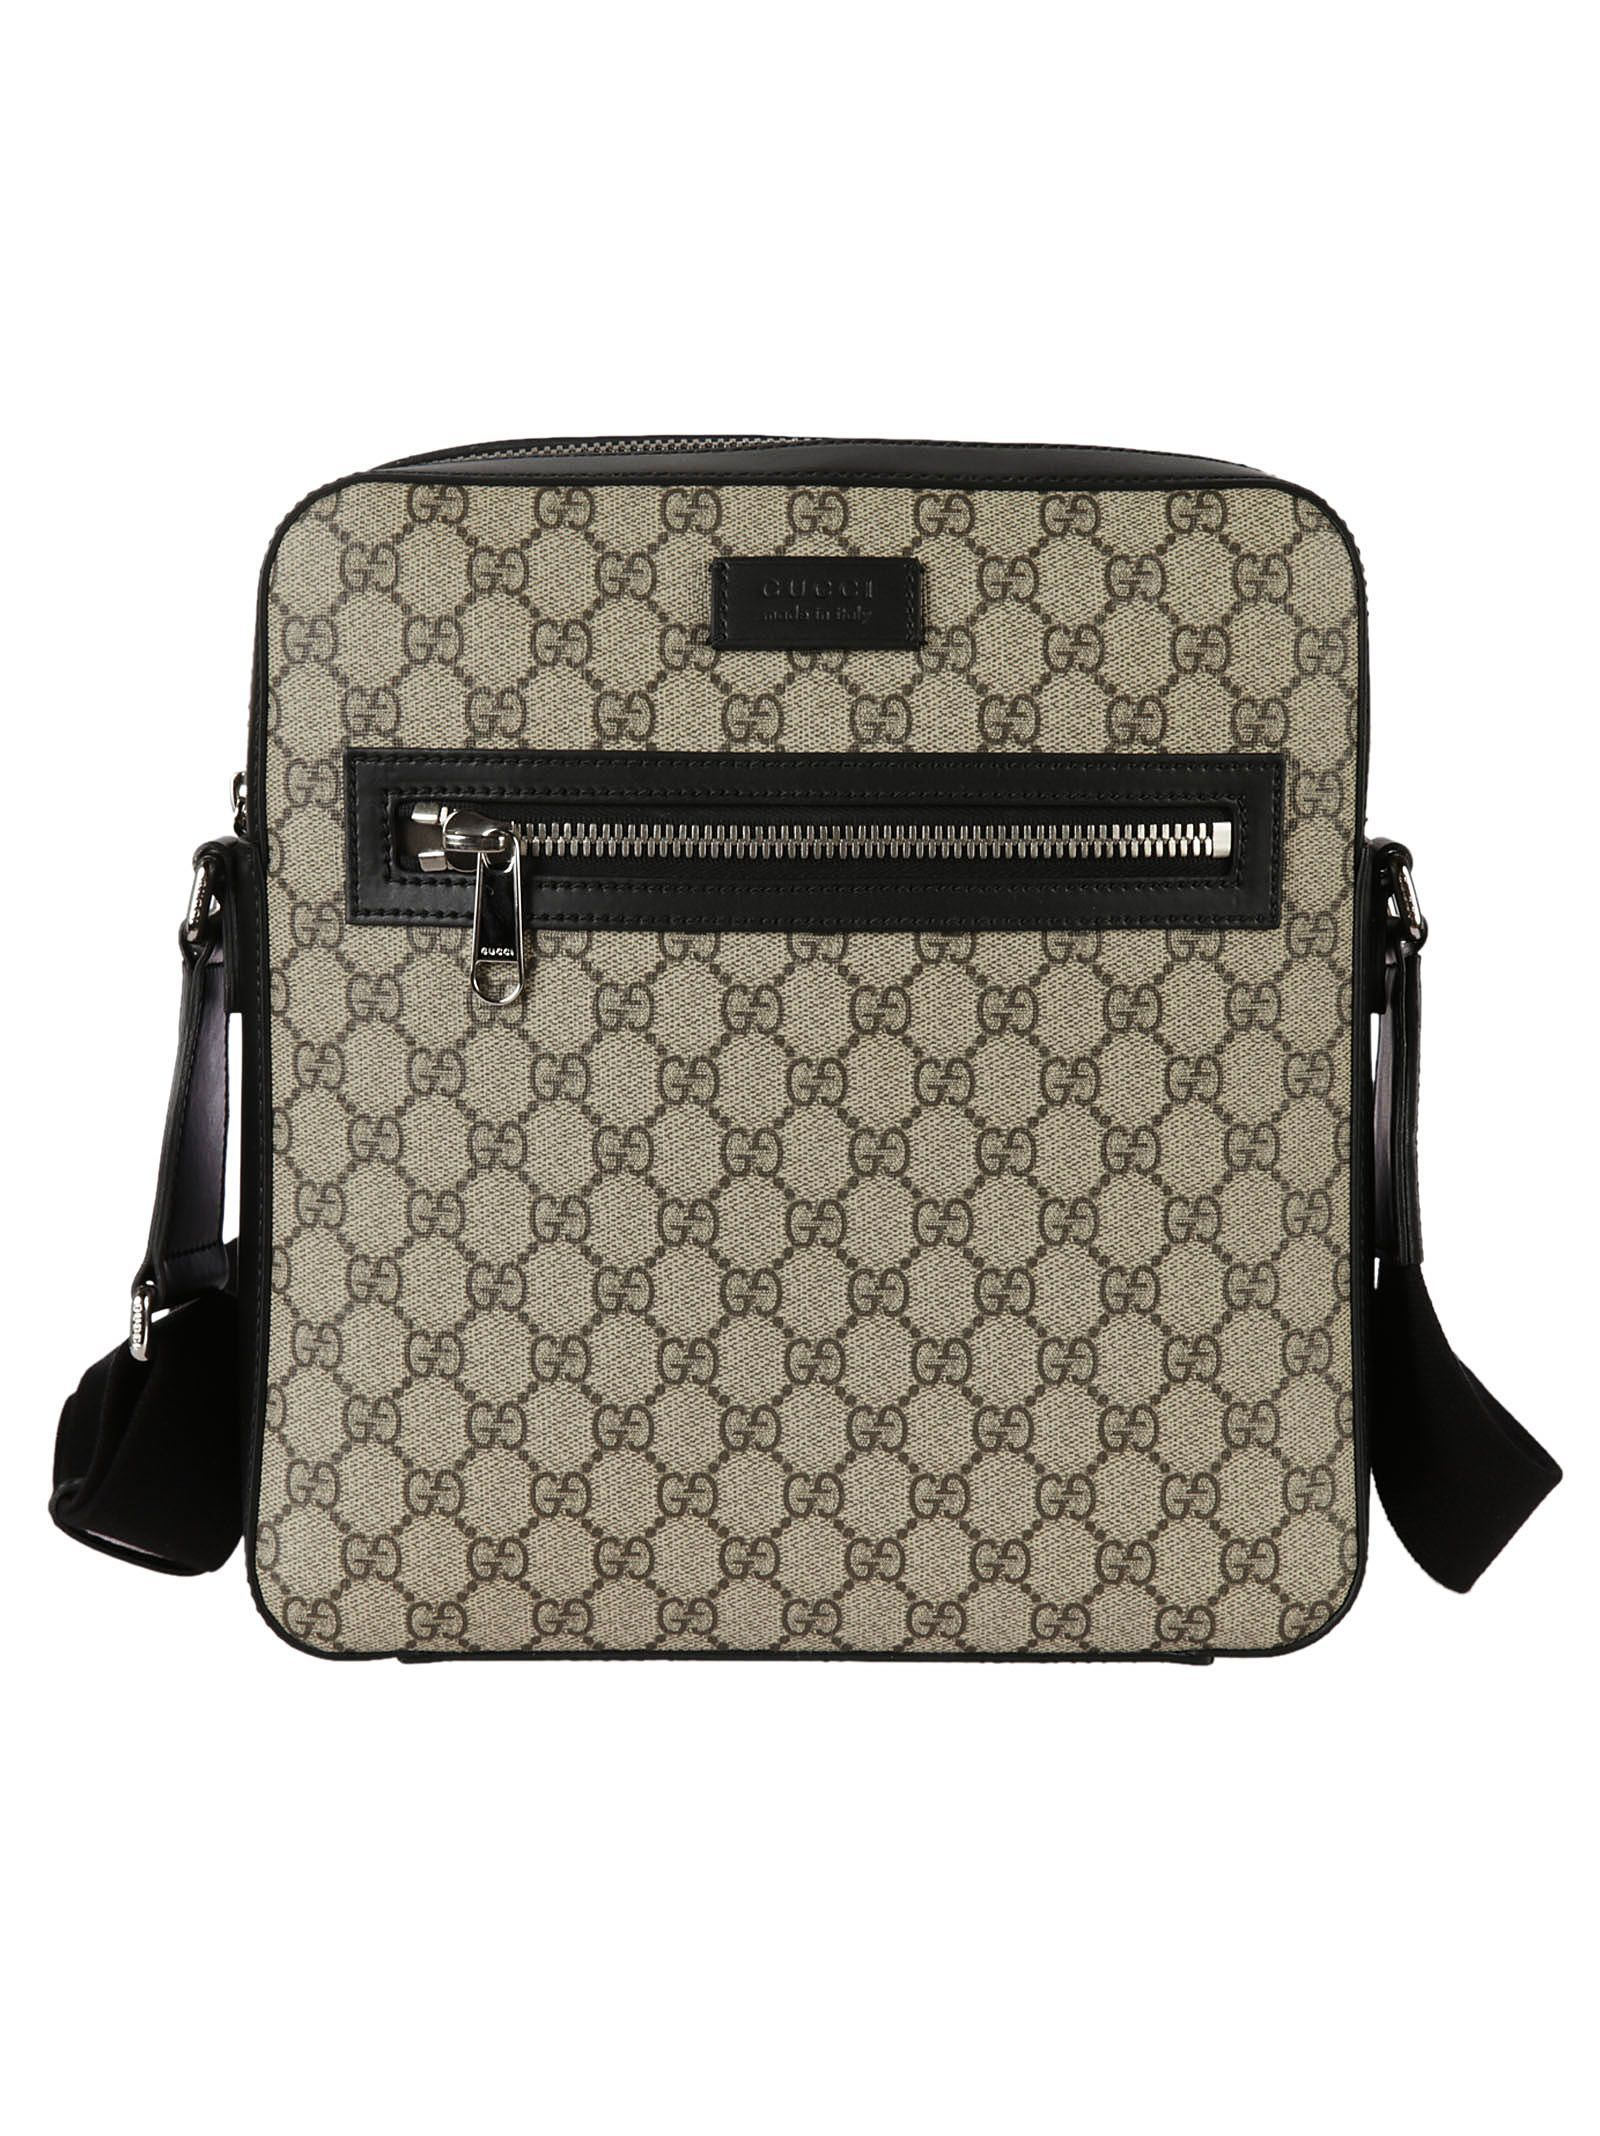 c8f1461063e0 GUCCI GG SUPREME FLAT SHOULDER BAG. #gucci #bags #shoulder bags ...